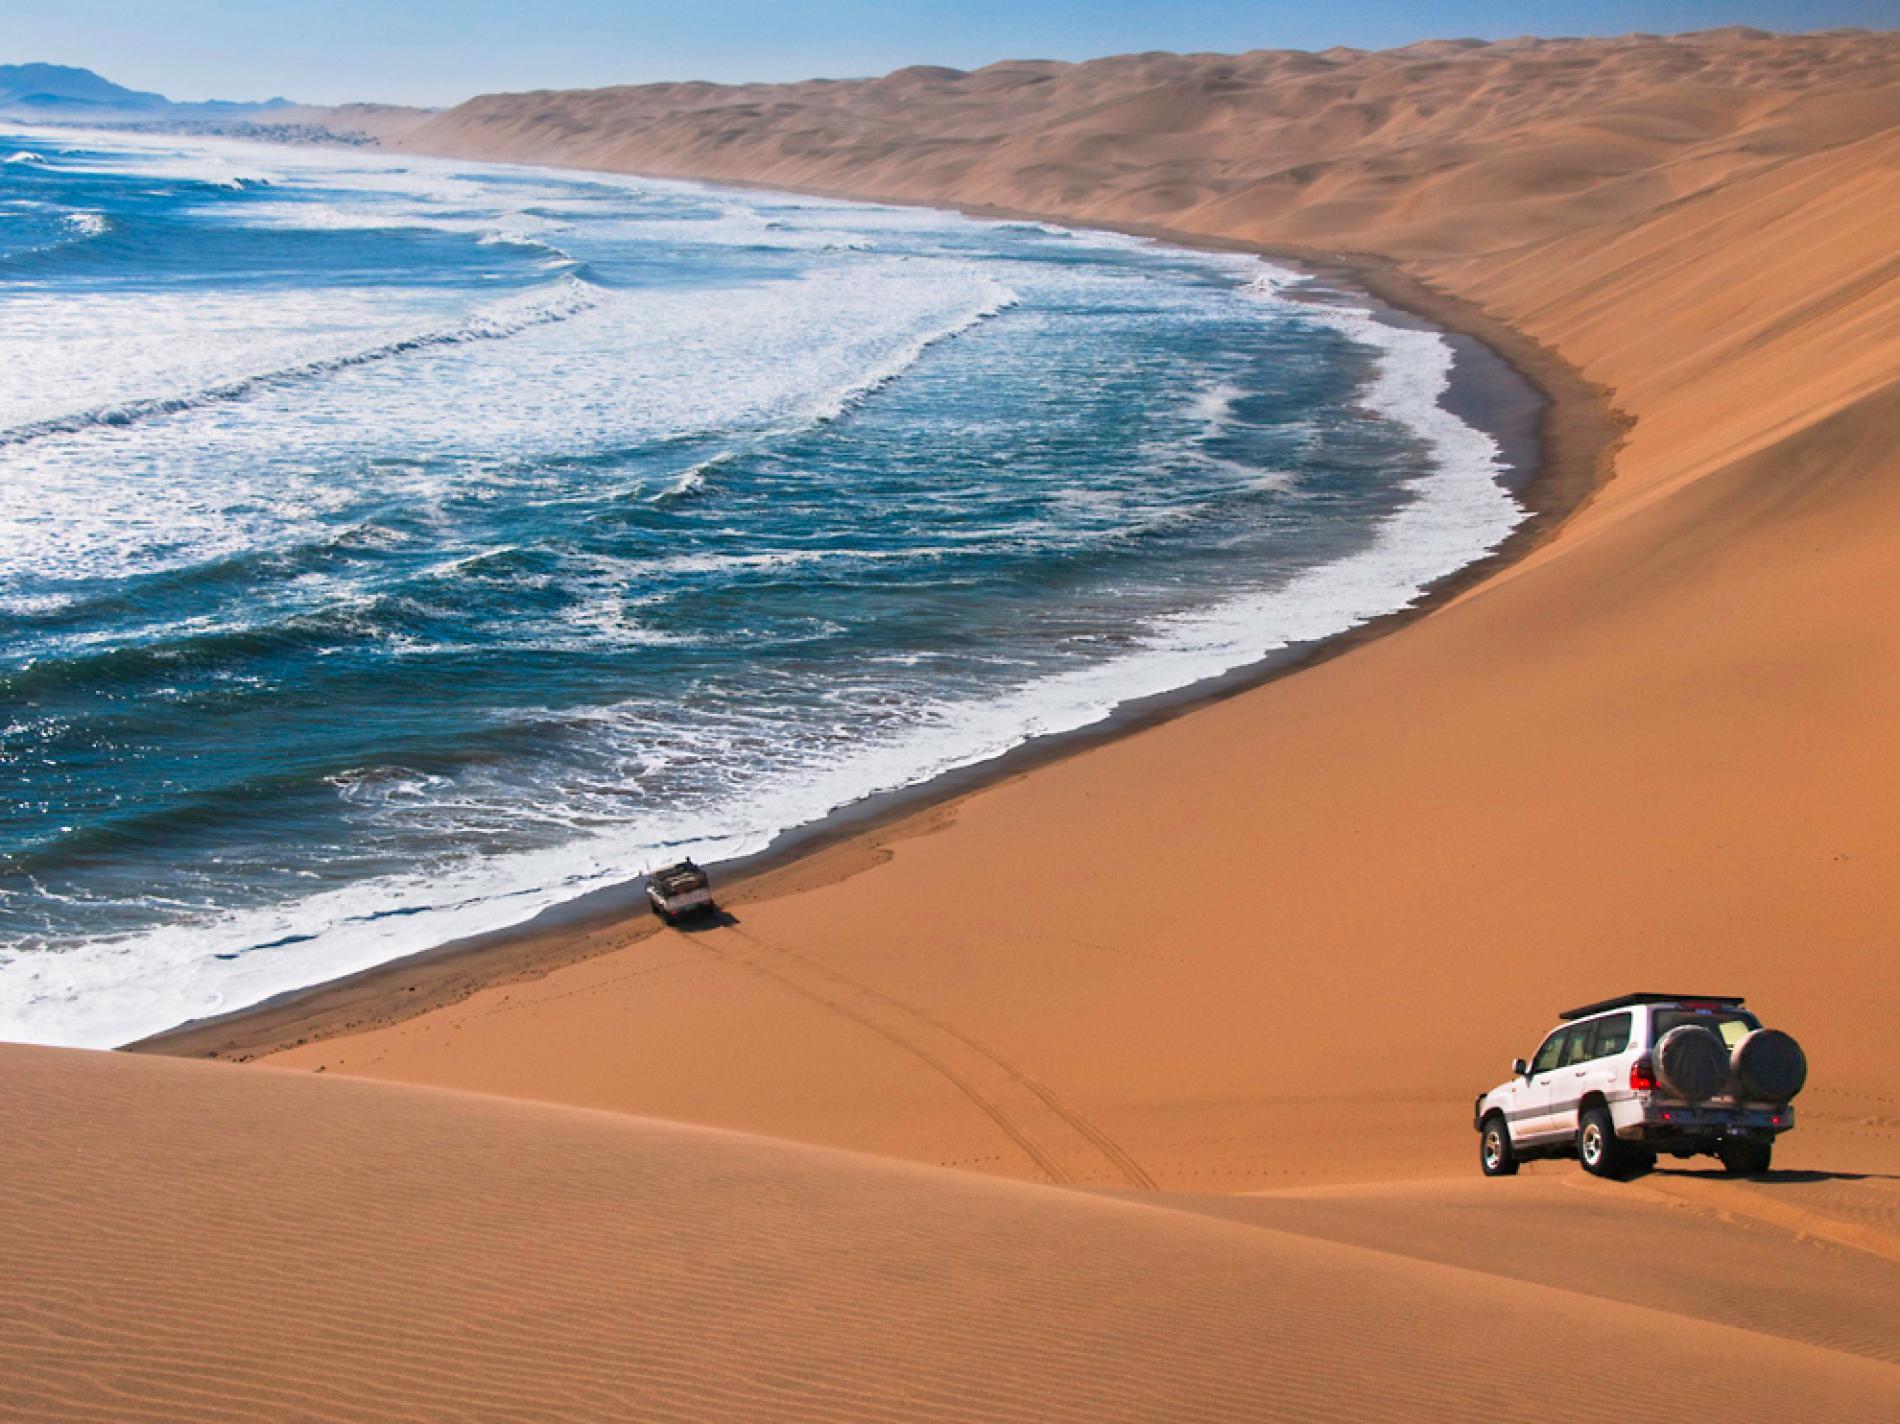 صحرای نامیب؛ محلی که اقیاونس و کویر به هم می رسند